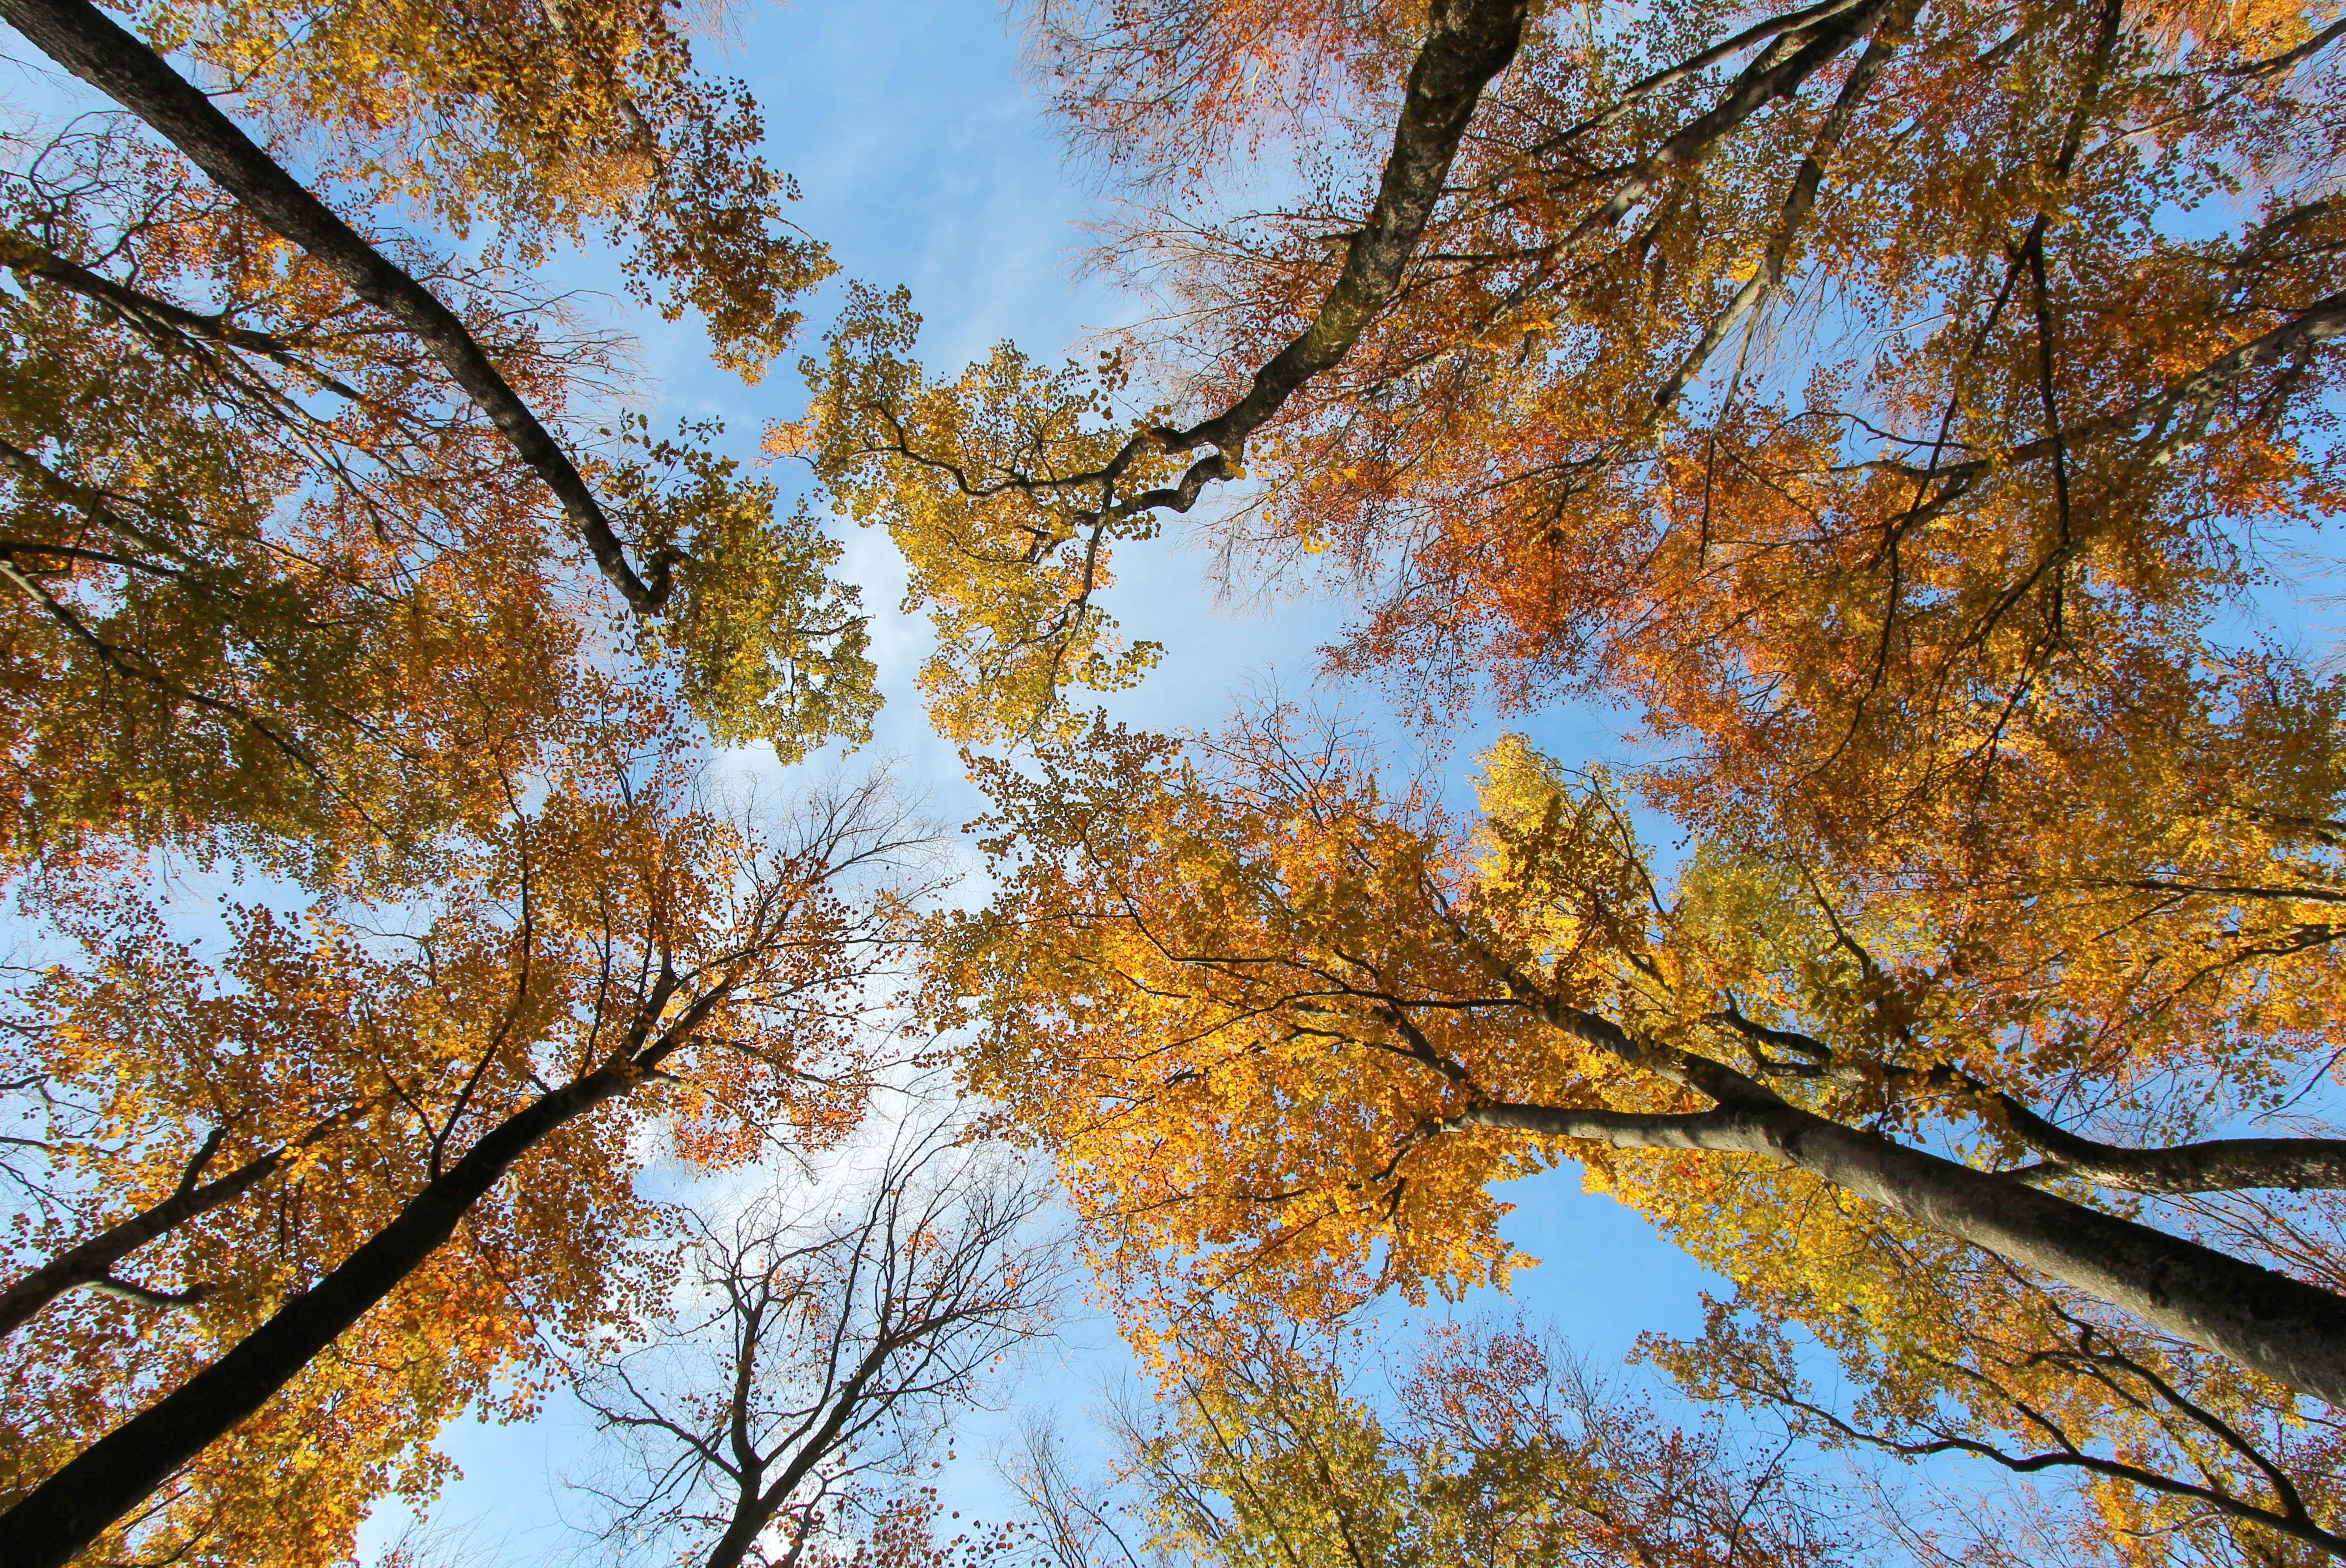 Couché dans les feuilles mortes...